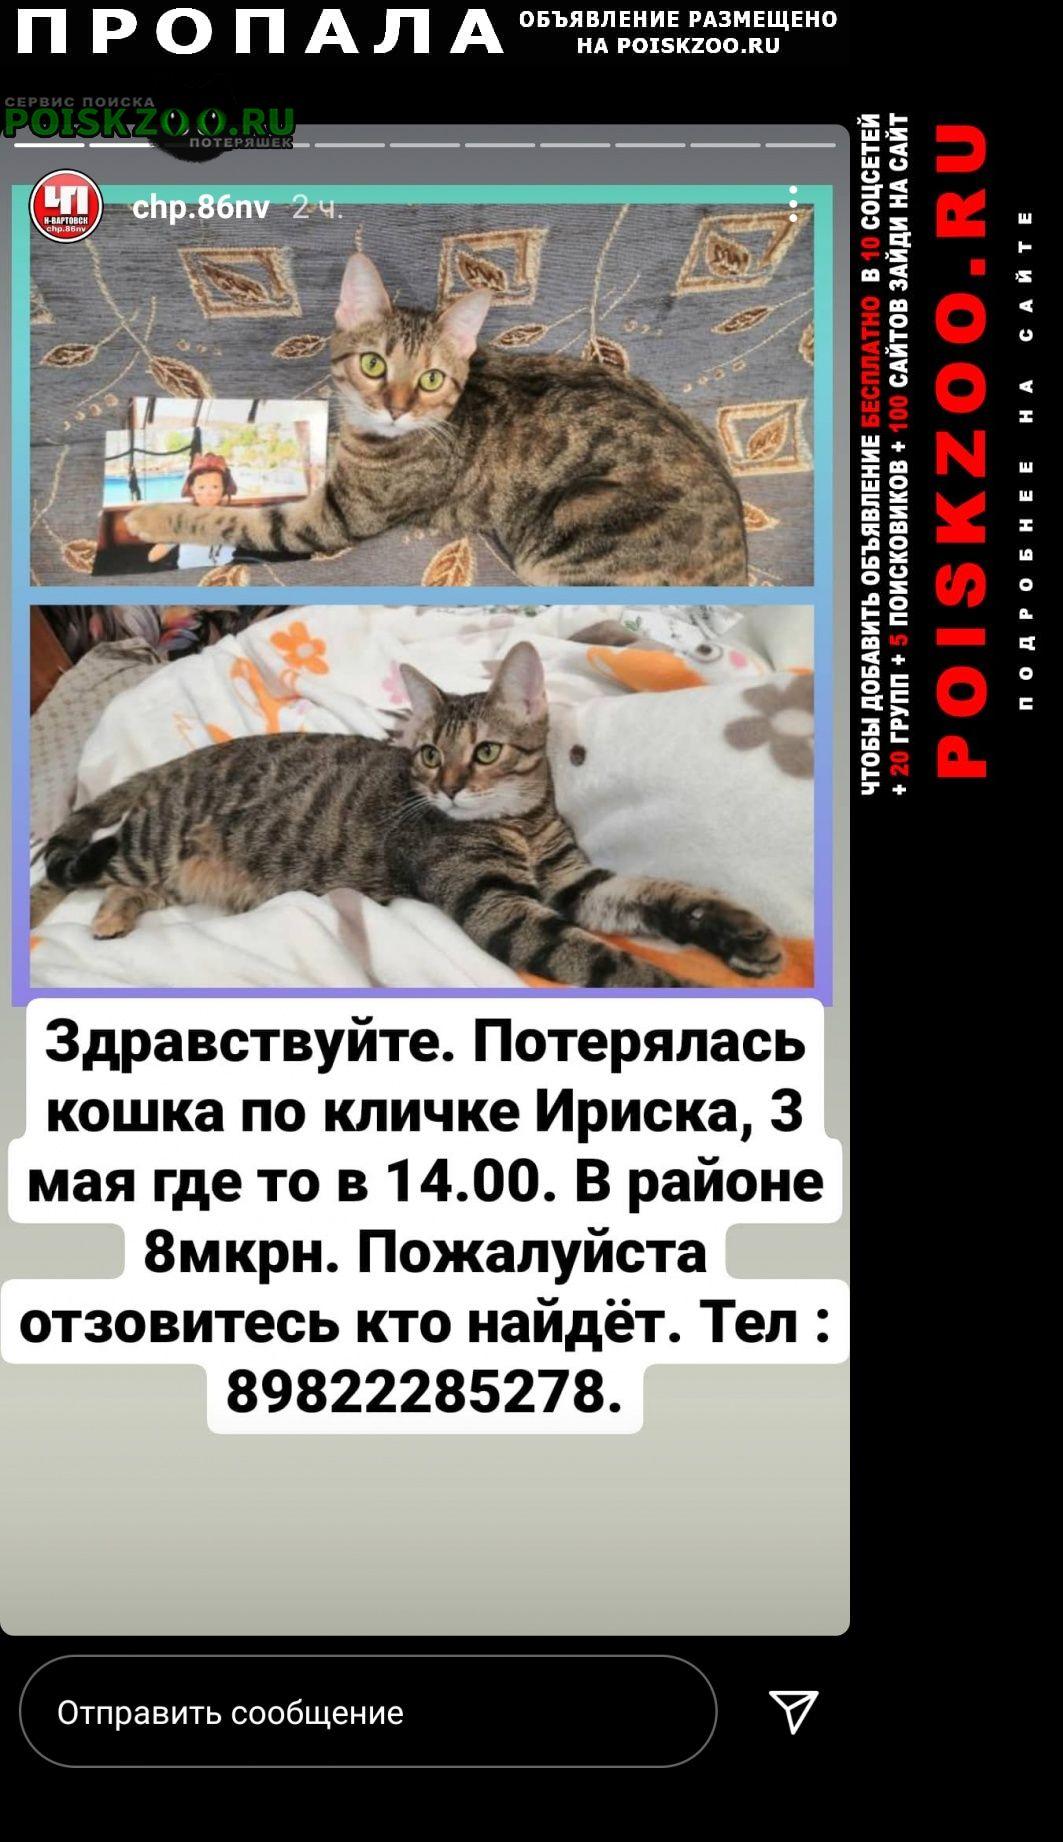 Пропала кошка Нижневартовск